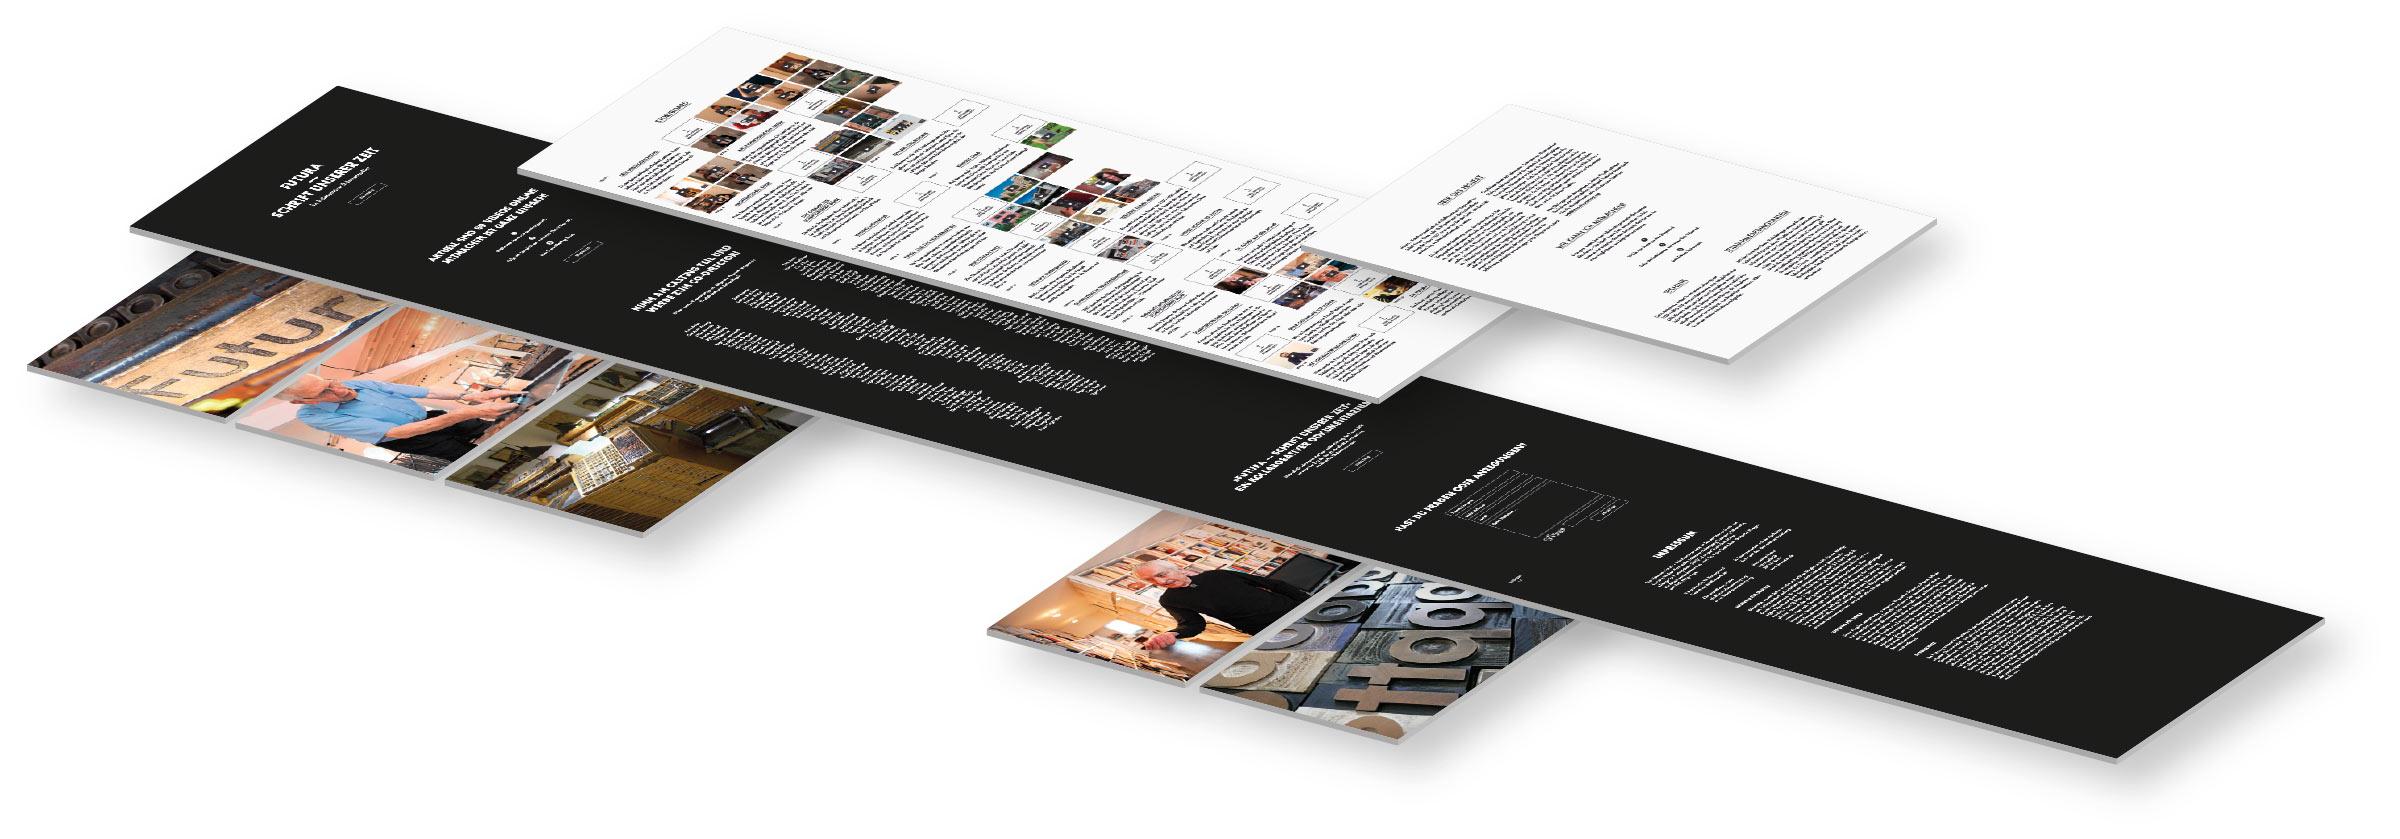 Layerdarstellung der Webseite © Christian Weber – Büro für Gestaltung und Kommunikation